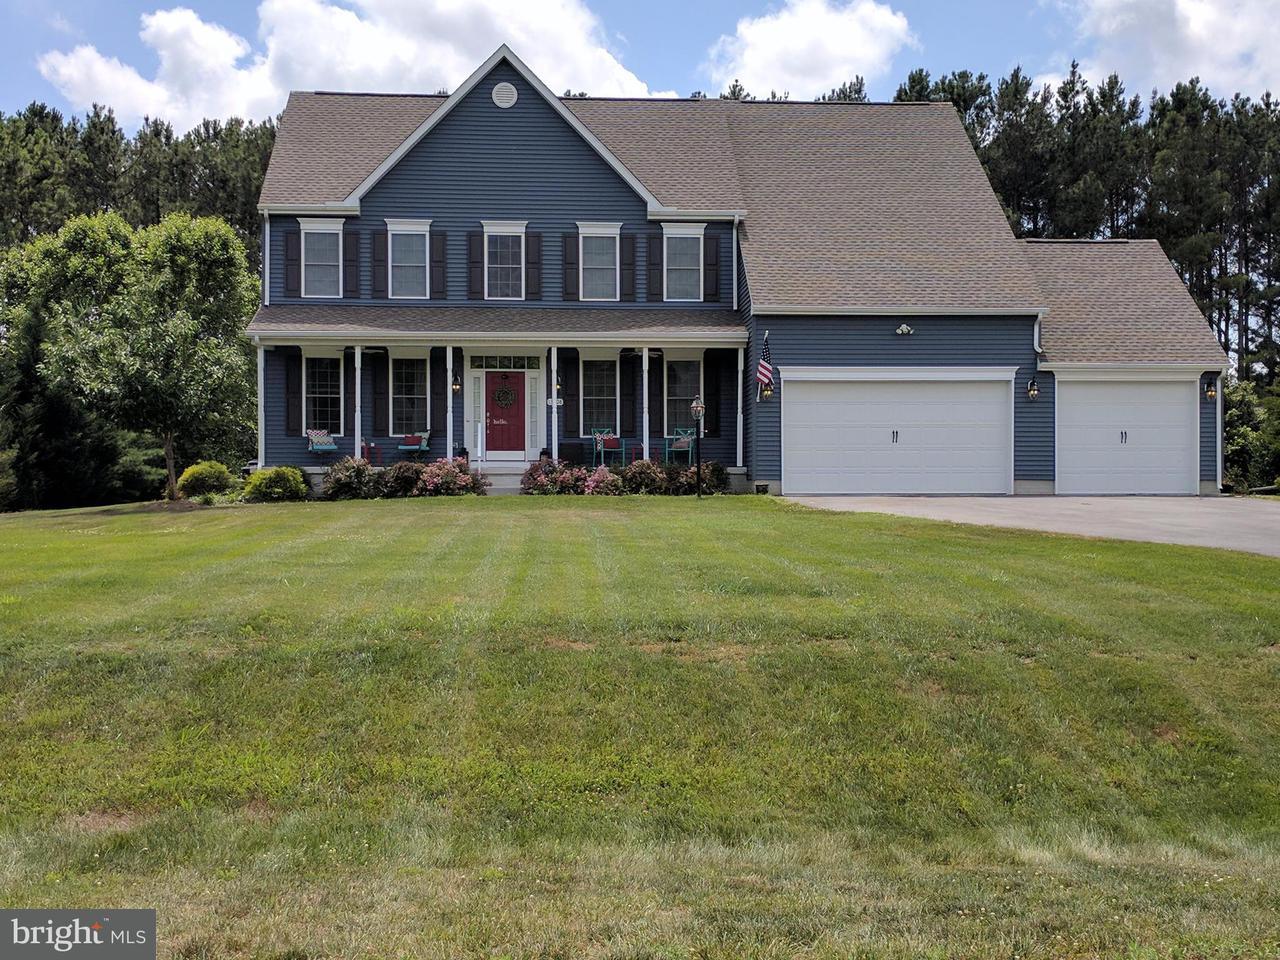 一戸建て のために 売買 アット 13508 RUSTLING OAKS Drive 13508 RUSTLING OAKS Drive Wye Mills, メリーランド 21679 アメリカ合衆国